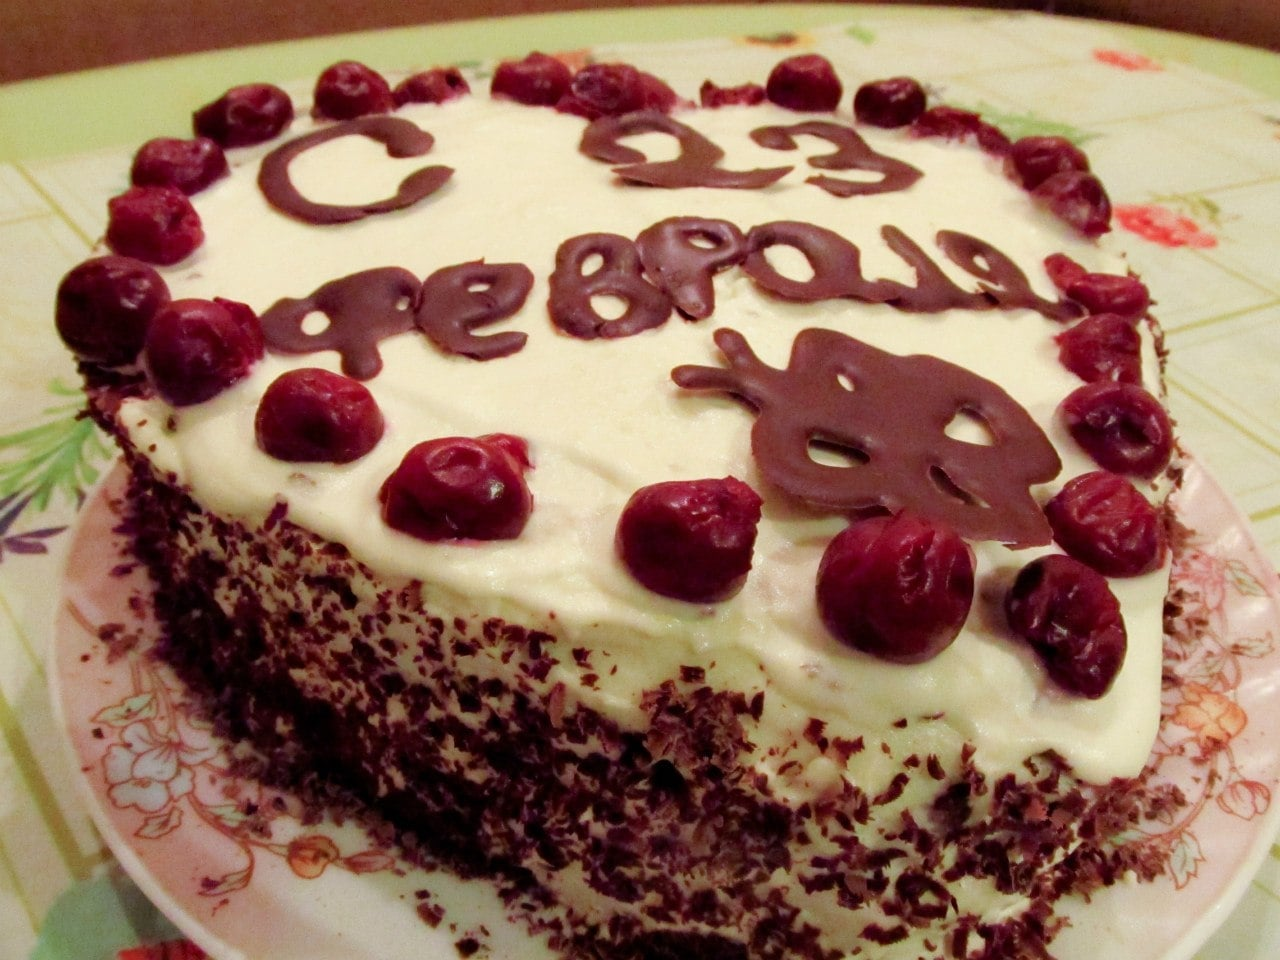 Шоколадно-бисквитный торт с заварным кремом и вишней - приготовление, шаг 2